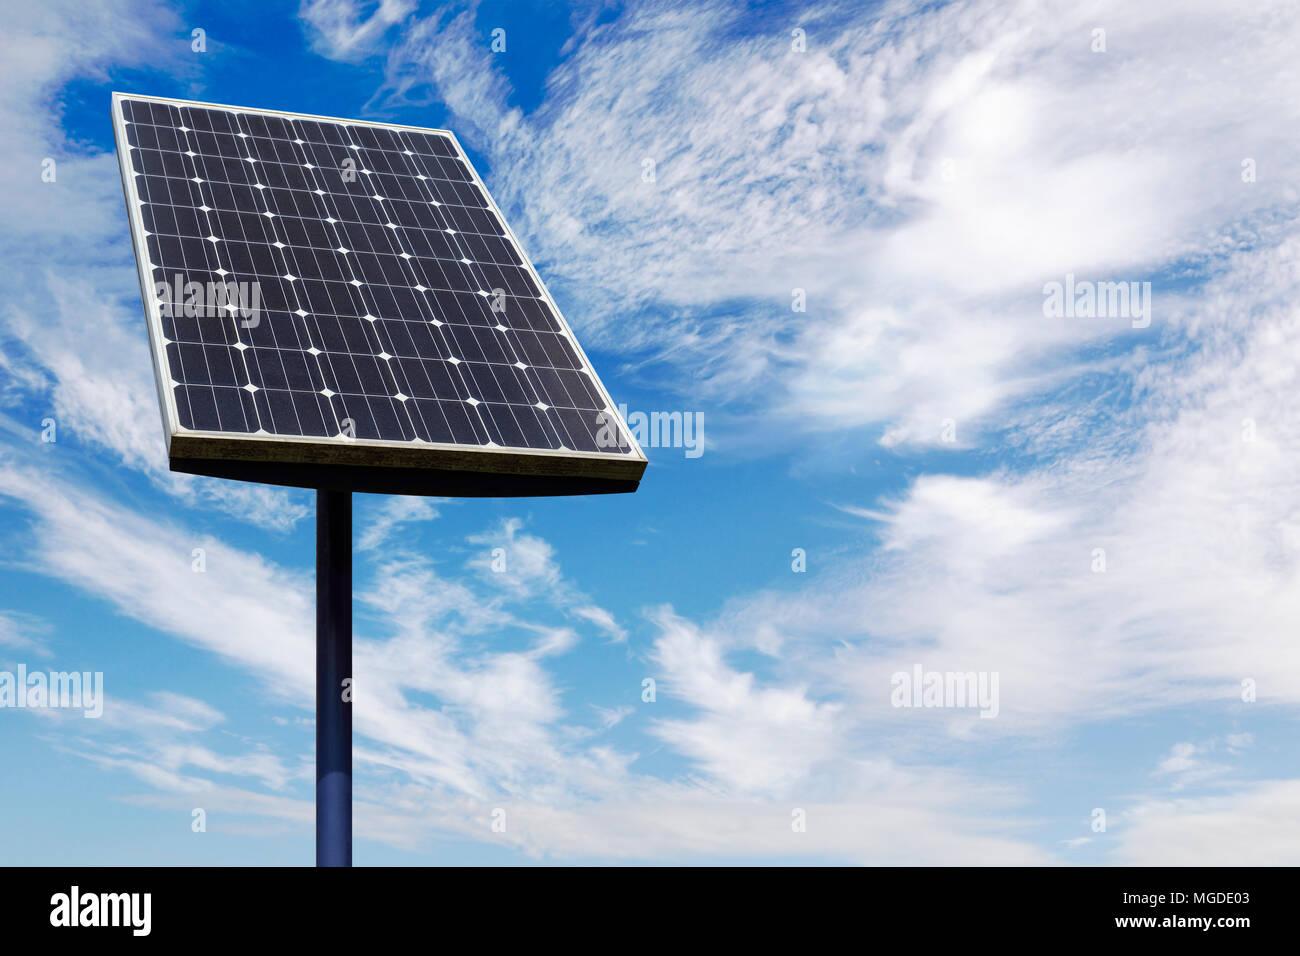 Panel Solar pequeño contra Un nublado cielo azul Imagen De Stock